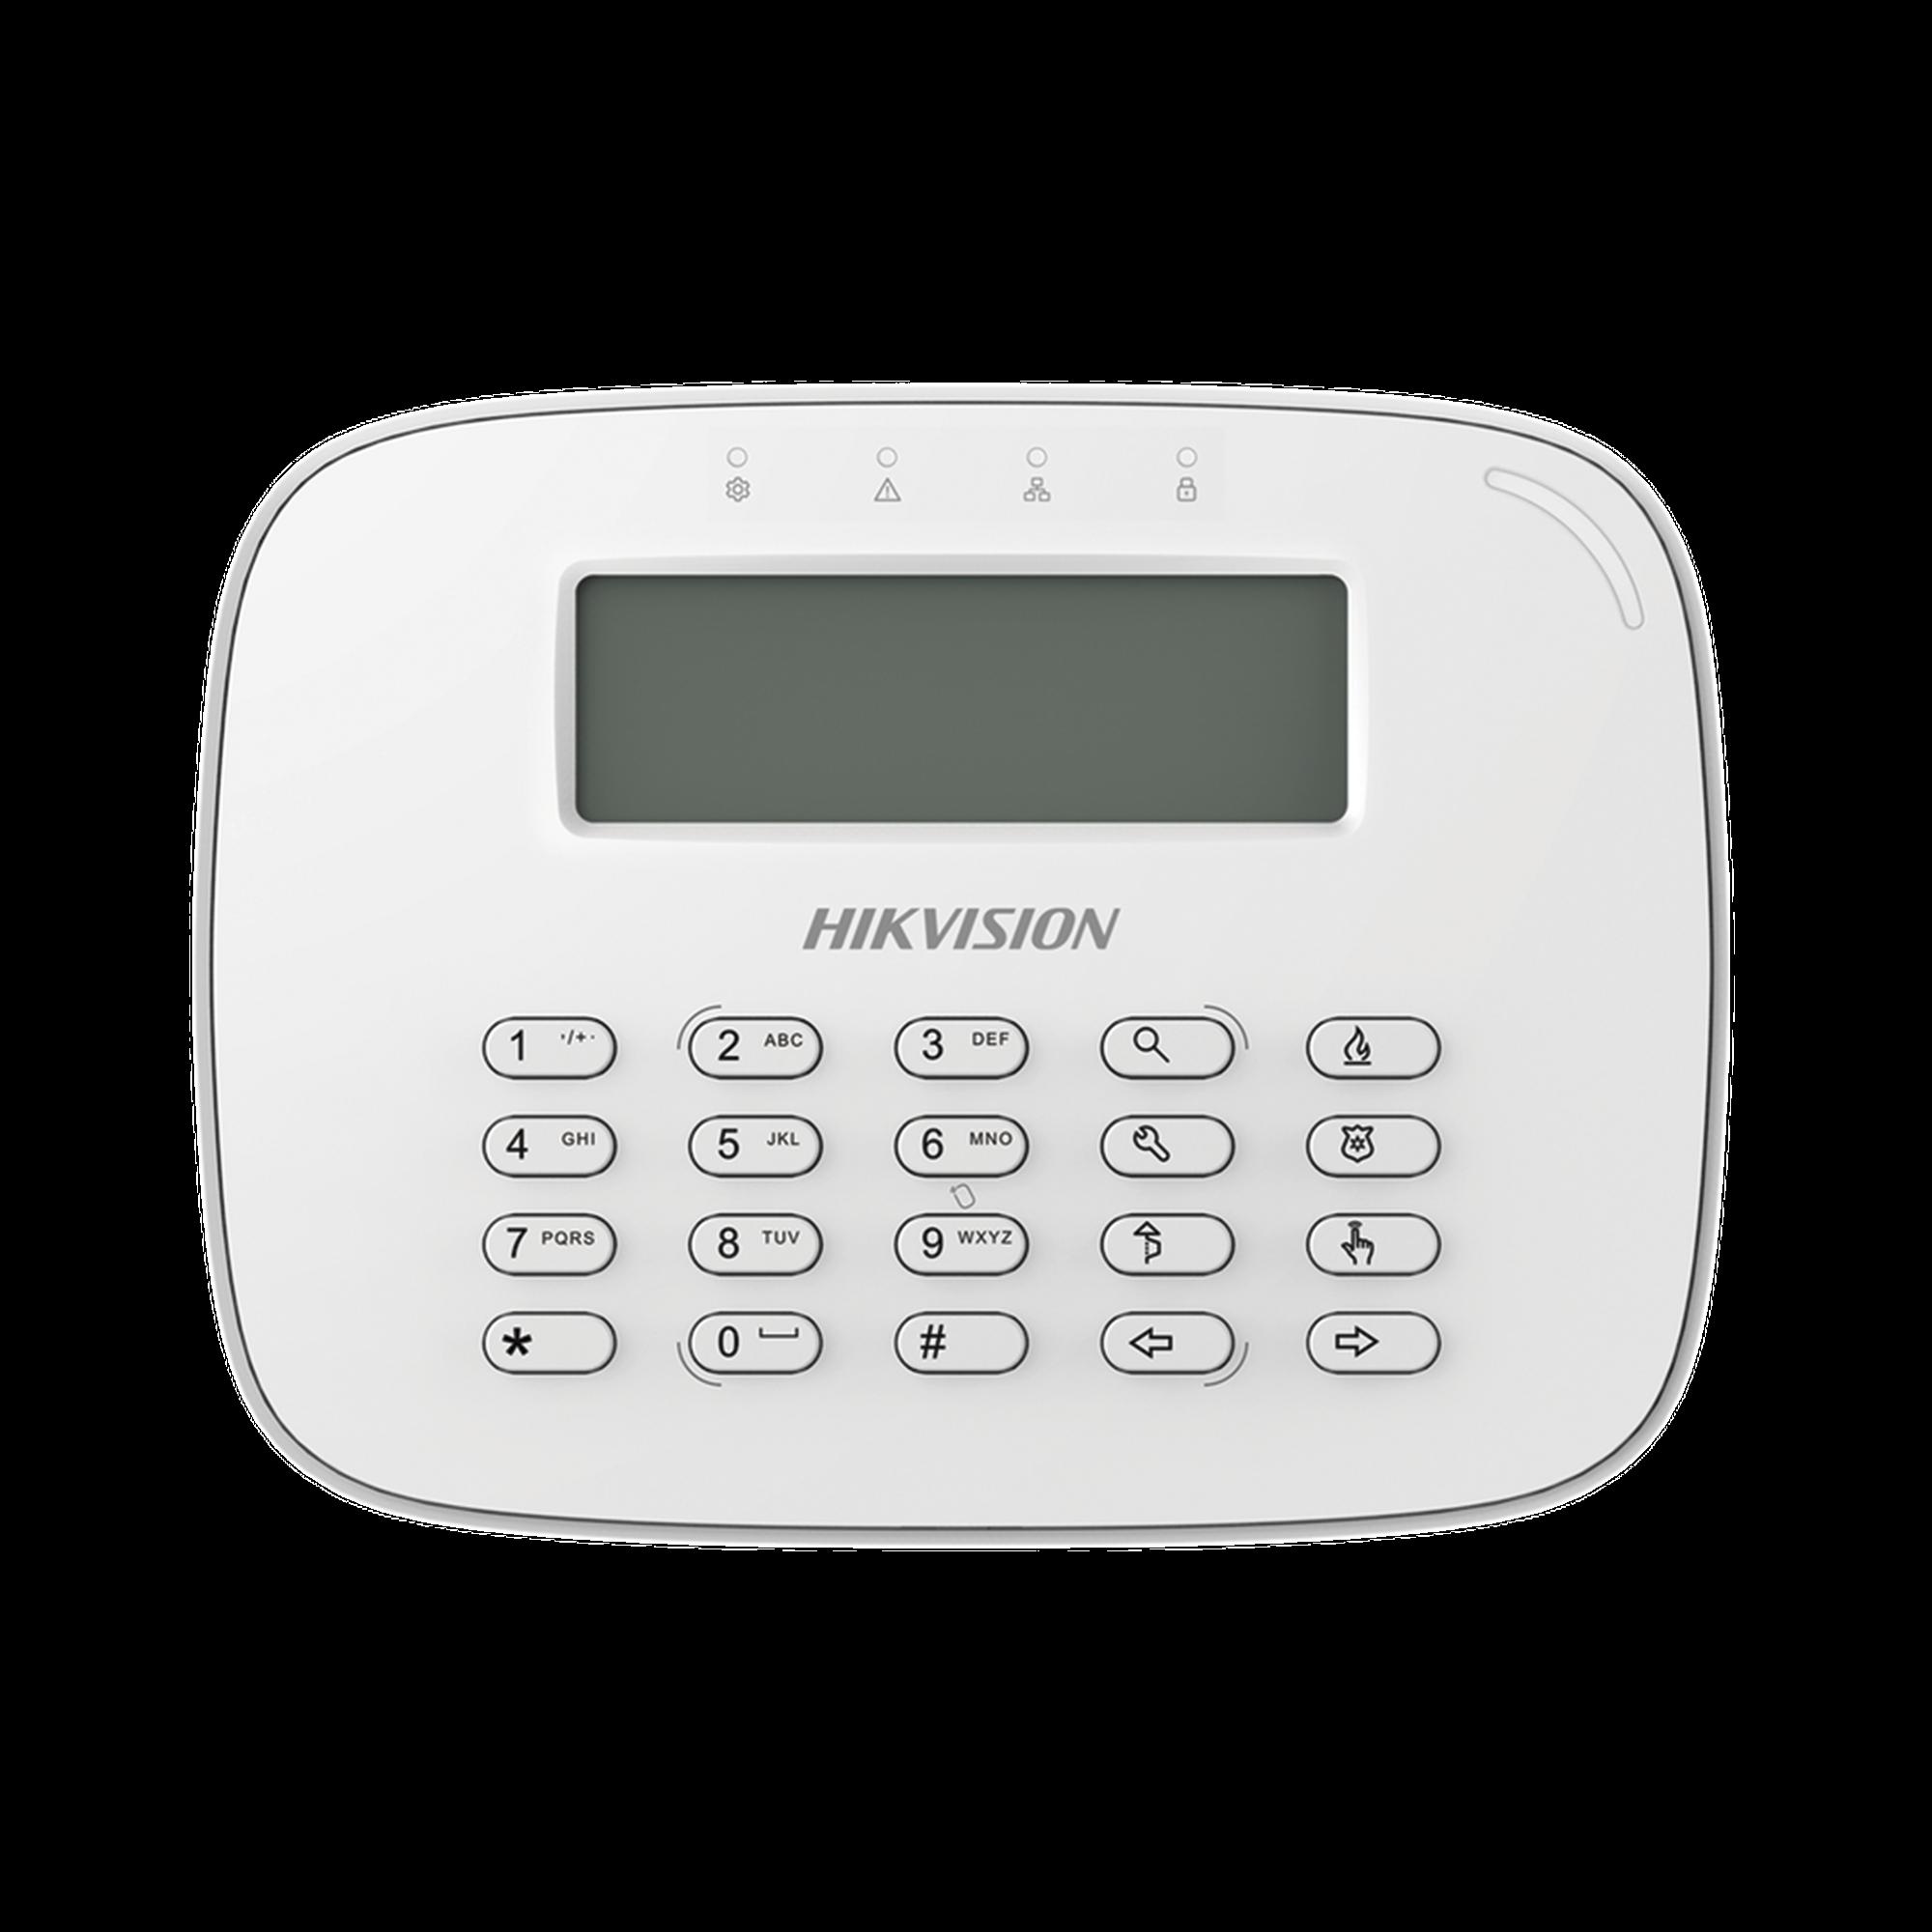 Teclado LCD alámbrico compatible con el panel DS-PHA64-W4P de Hikvision